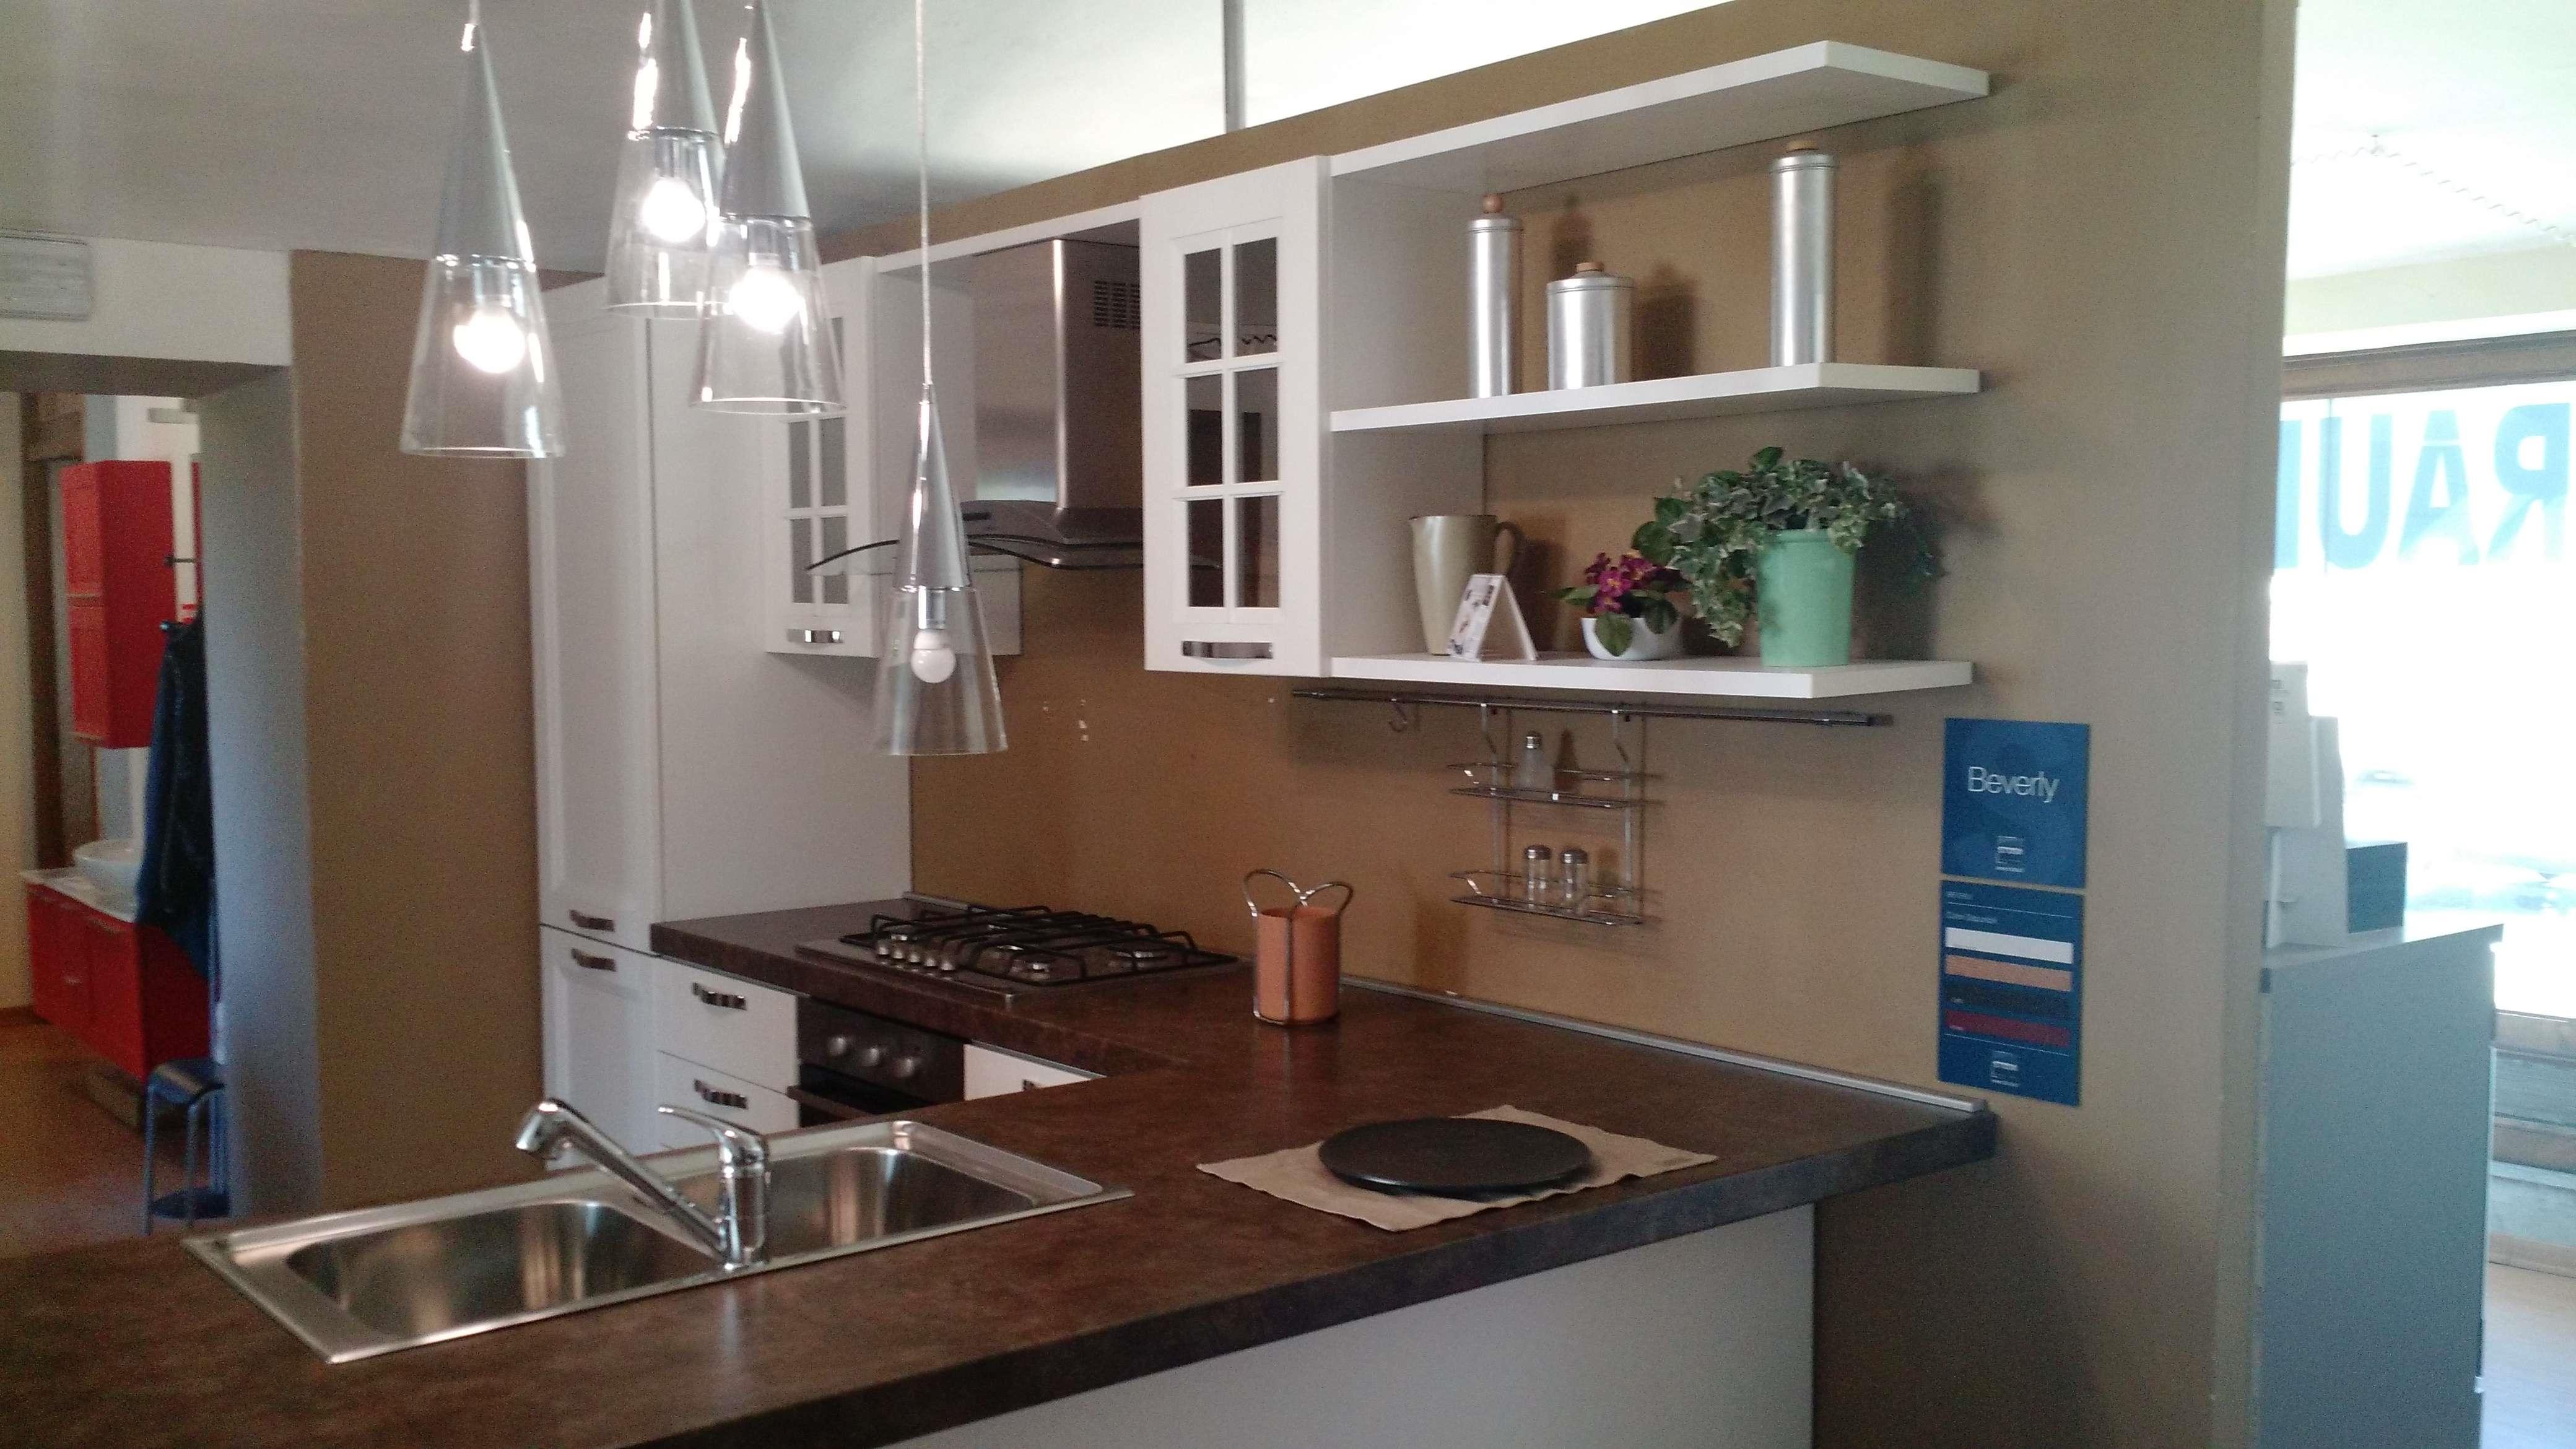 Penisola ikea cucina ruote - Ikea penisola cucina ...